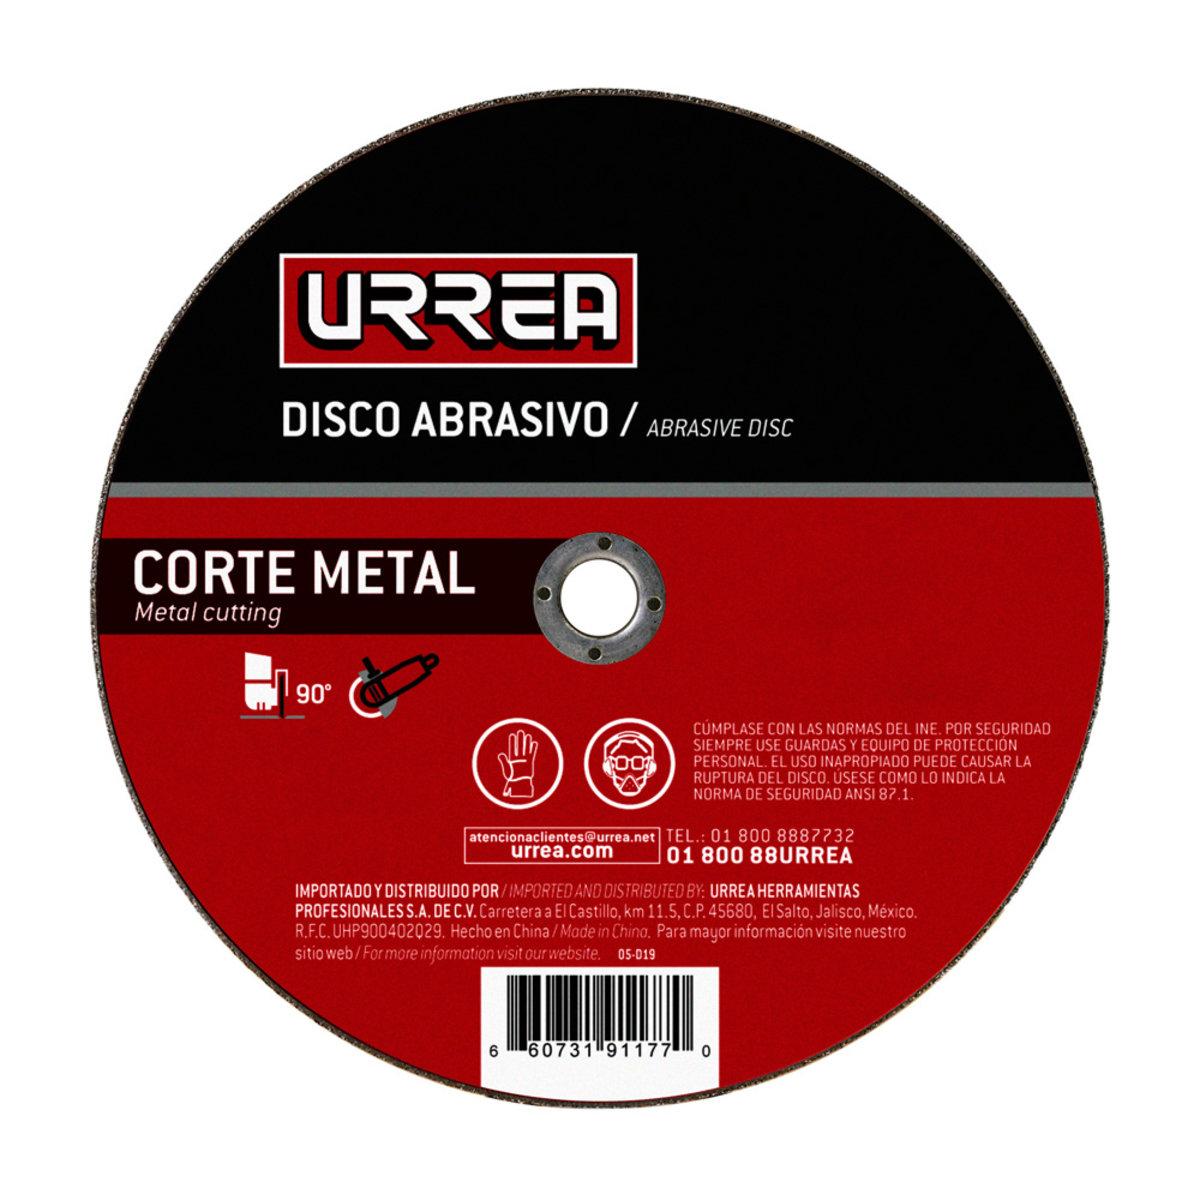 """Disco Abrasivo De 4-1/2"""" 4000 Rpm- 13 300 Rpm Tipo: 27 Urrea"""